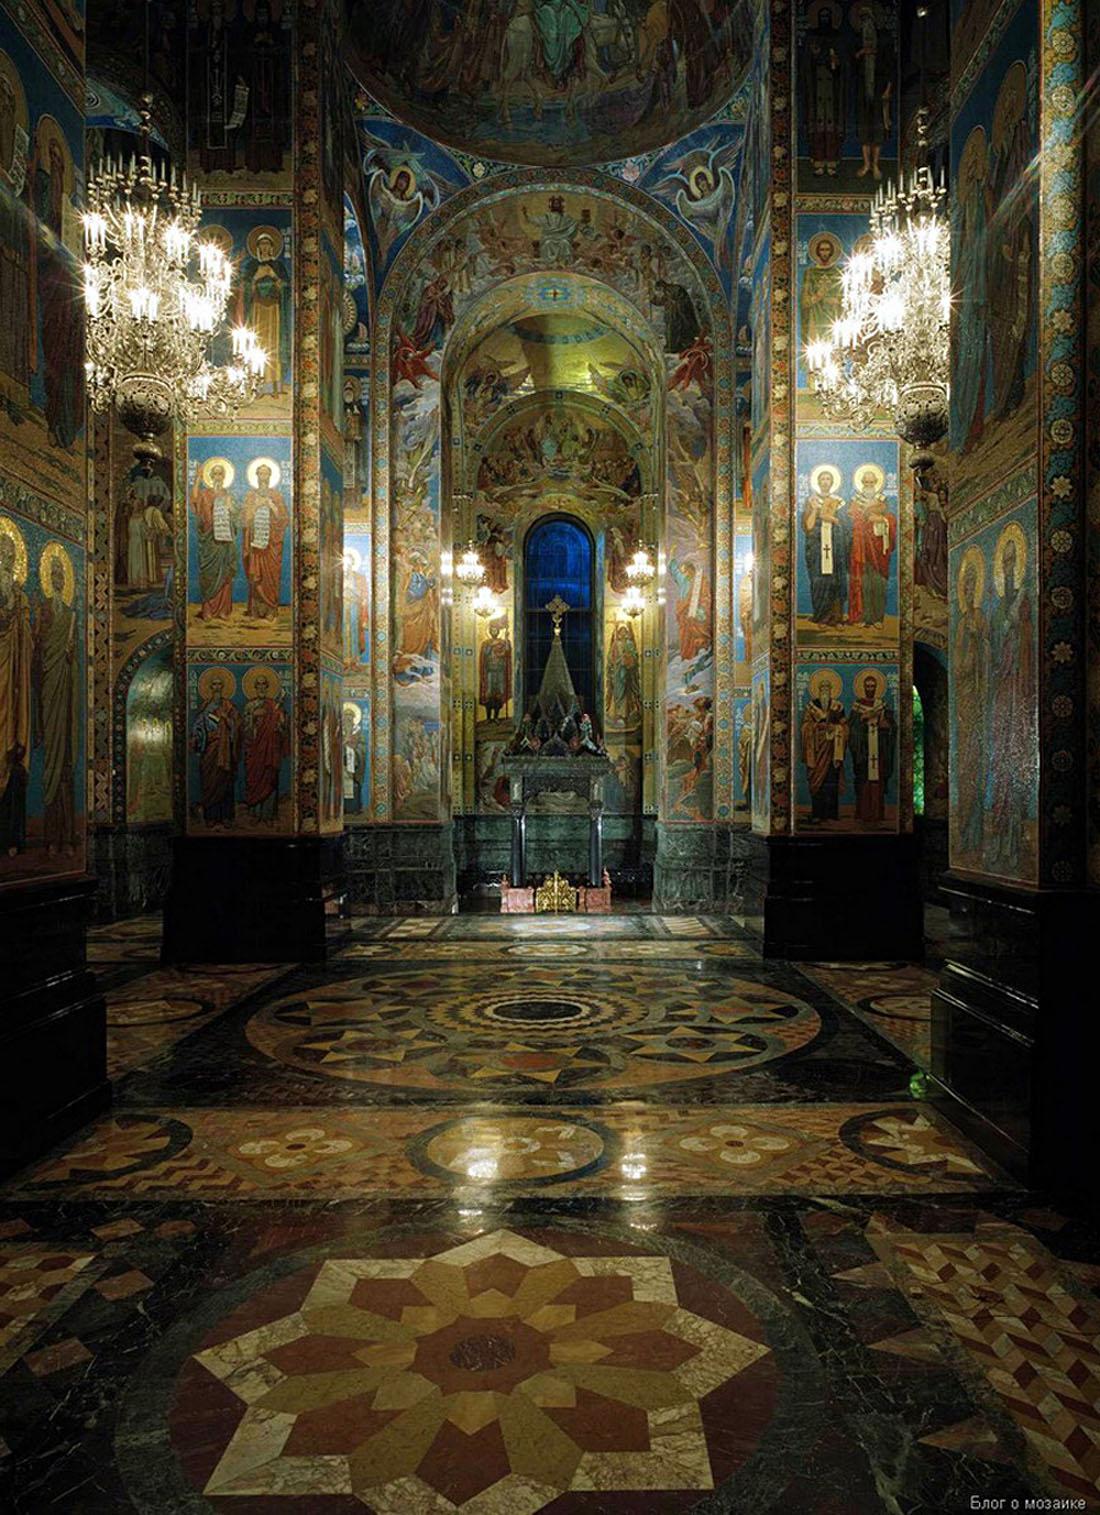 Внутреннее мозаичное убранство Храма Спас на Крови, работы  В.А. Фролова.